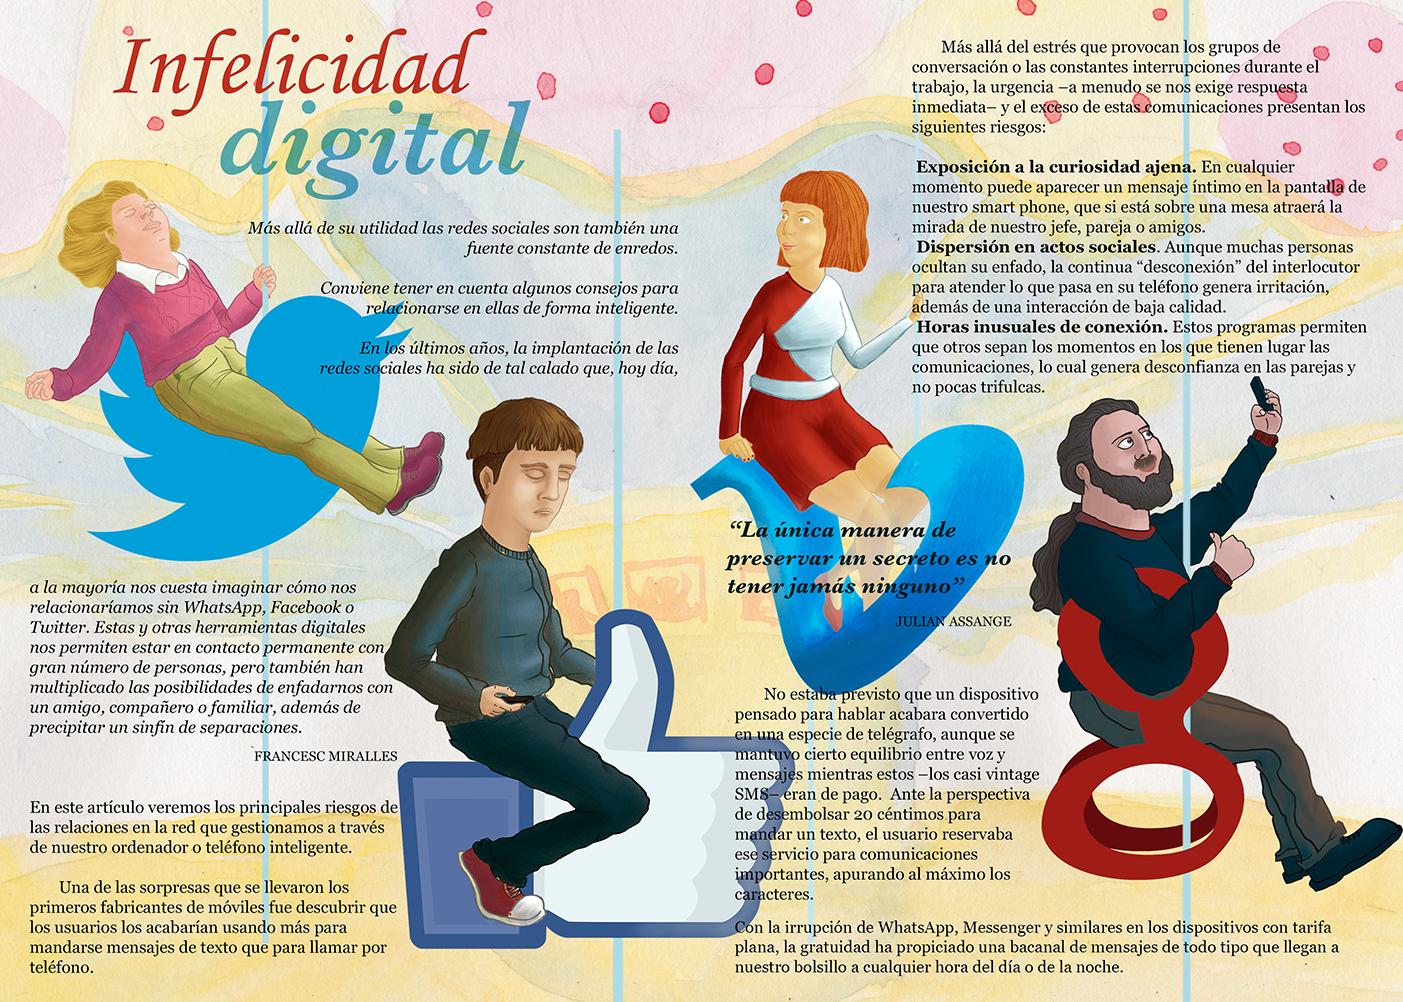 infelicidad digital